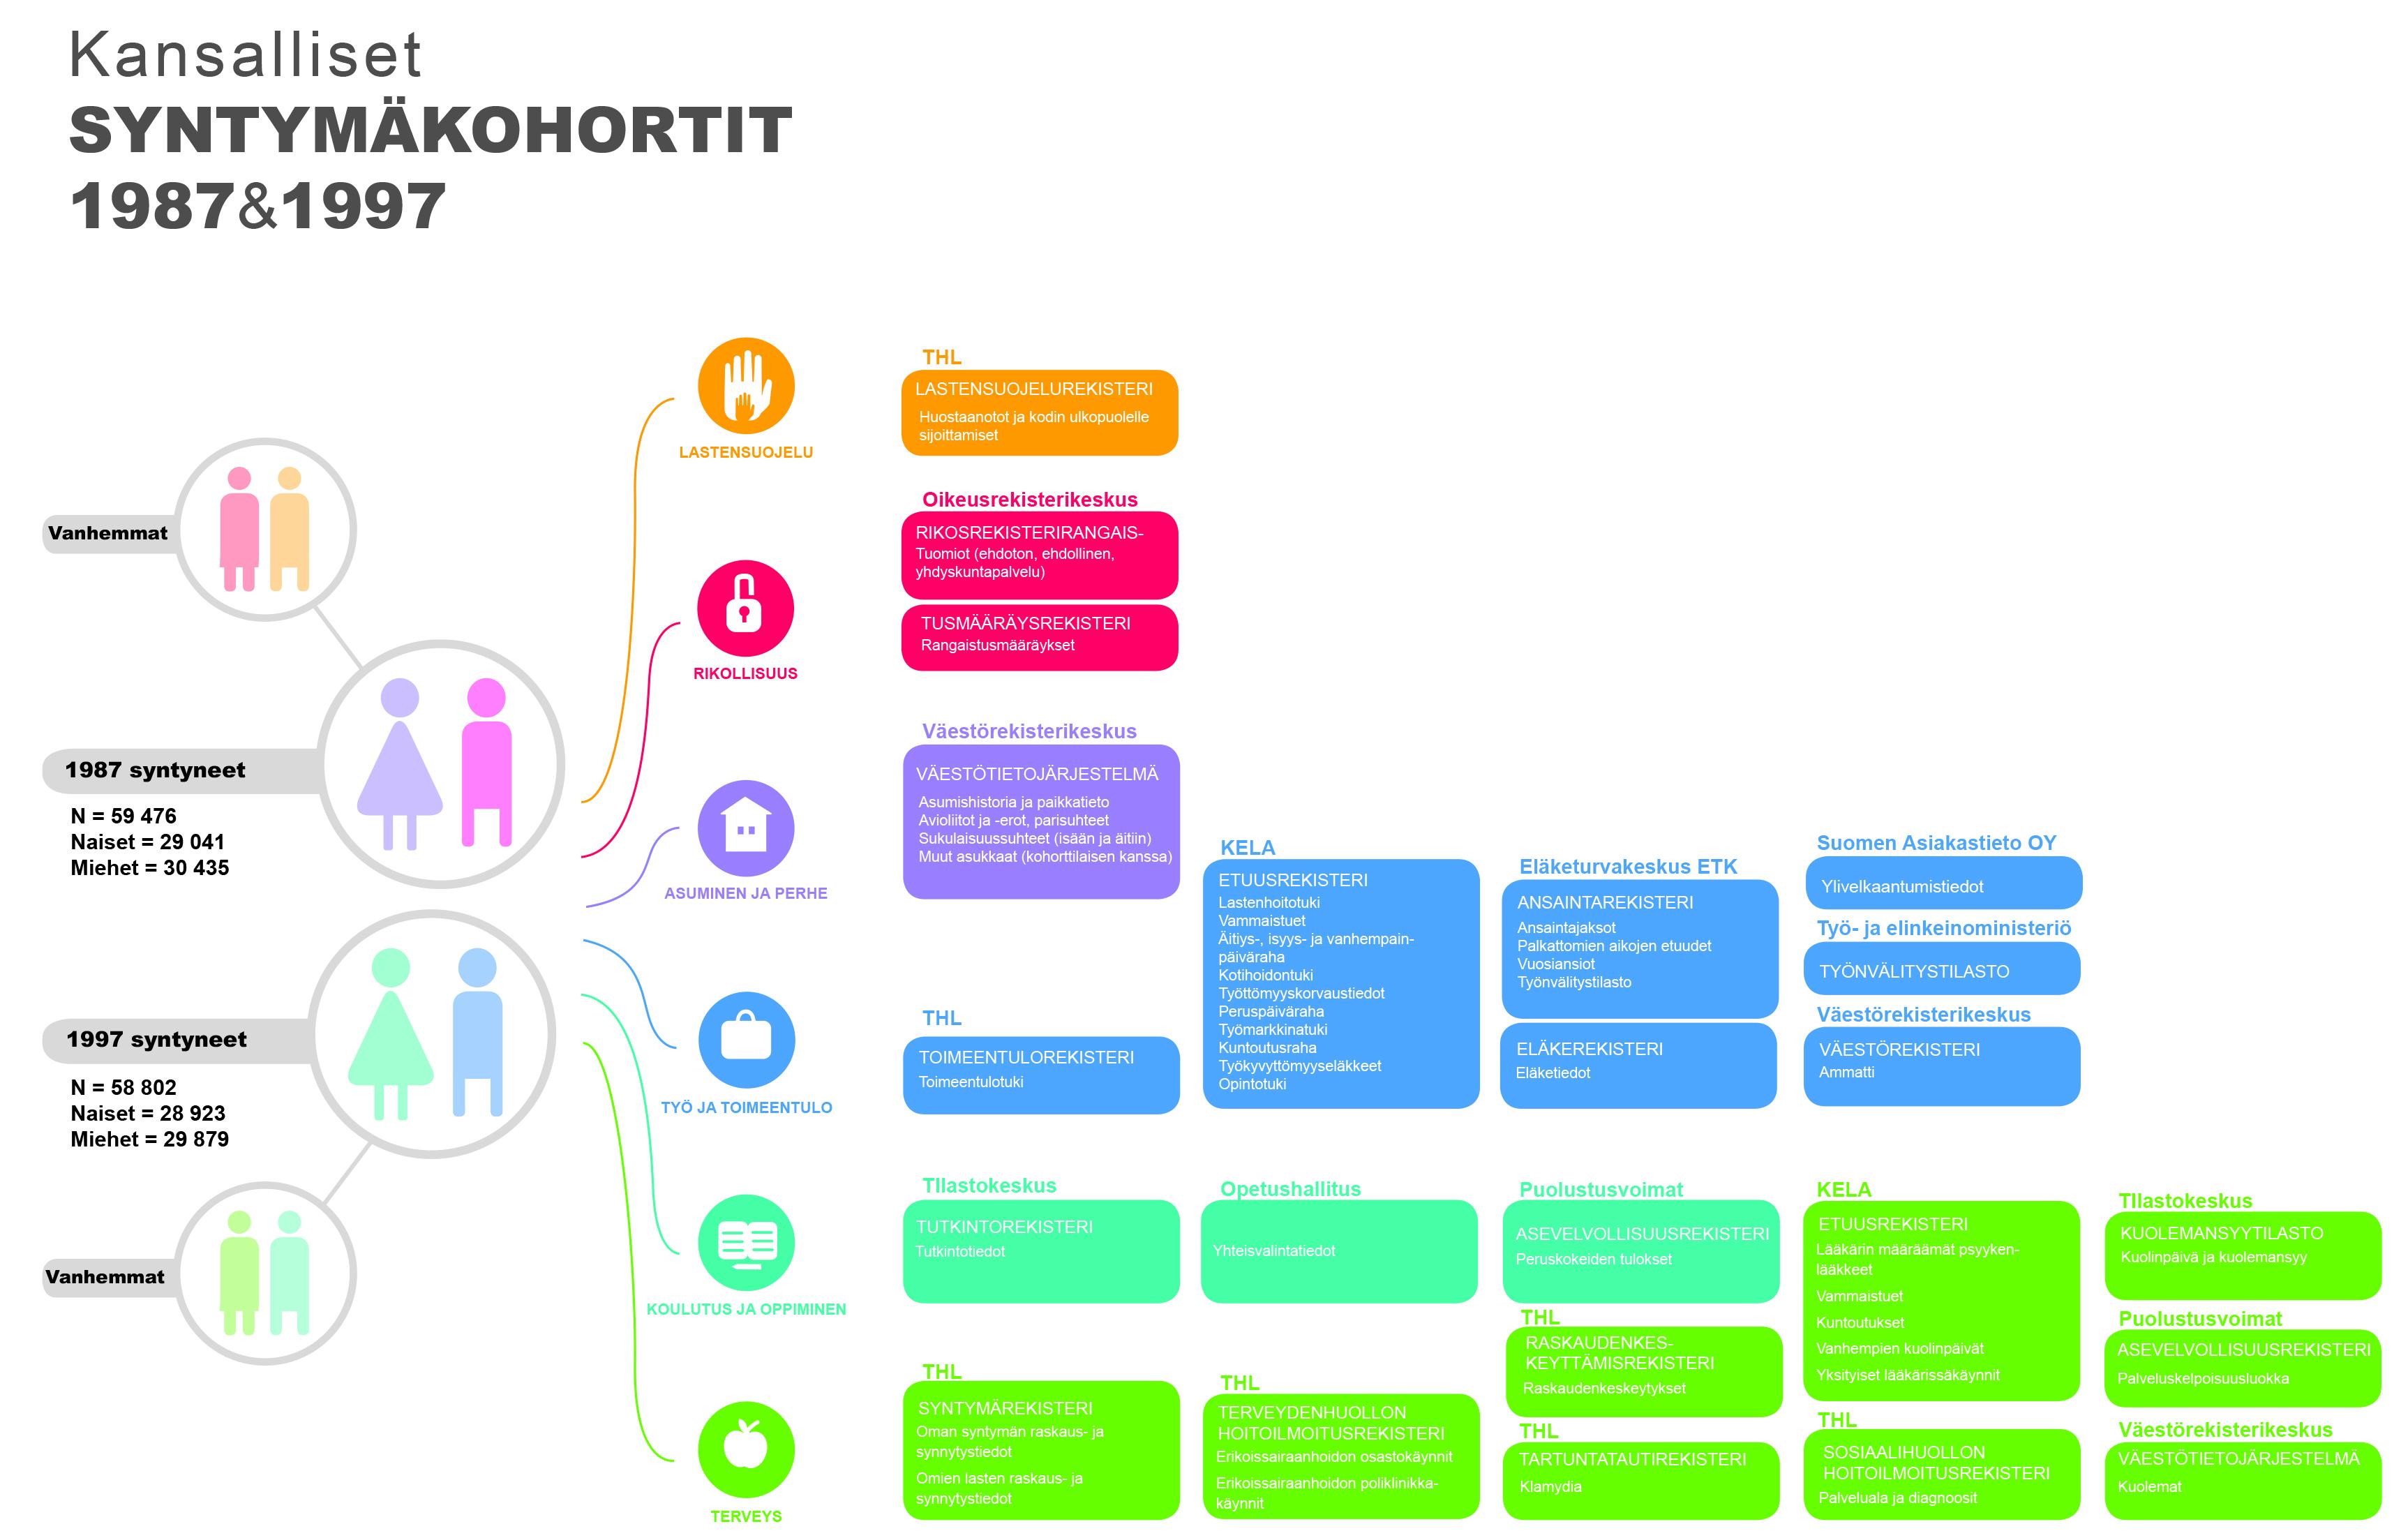 Syntymäkohortti_infografiikka_yleis-1